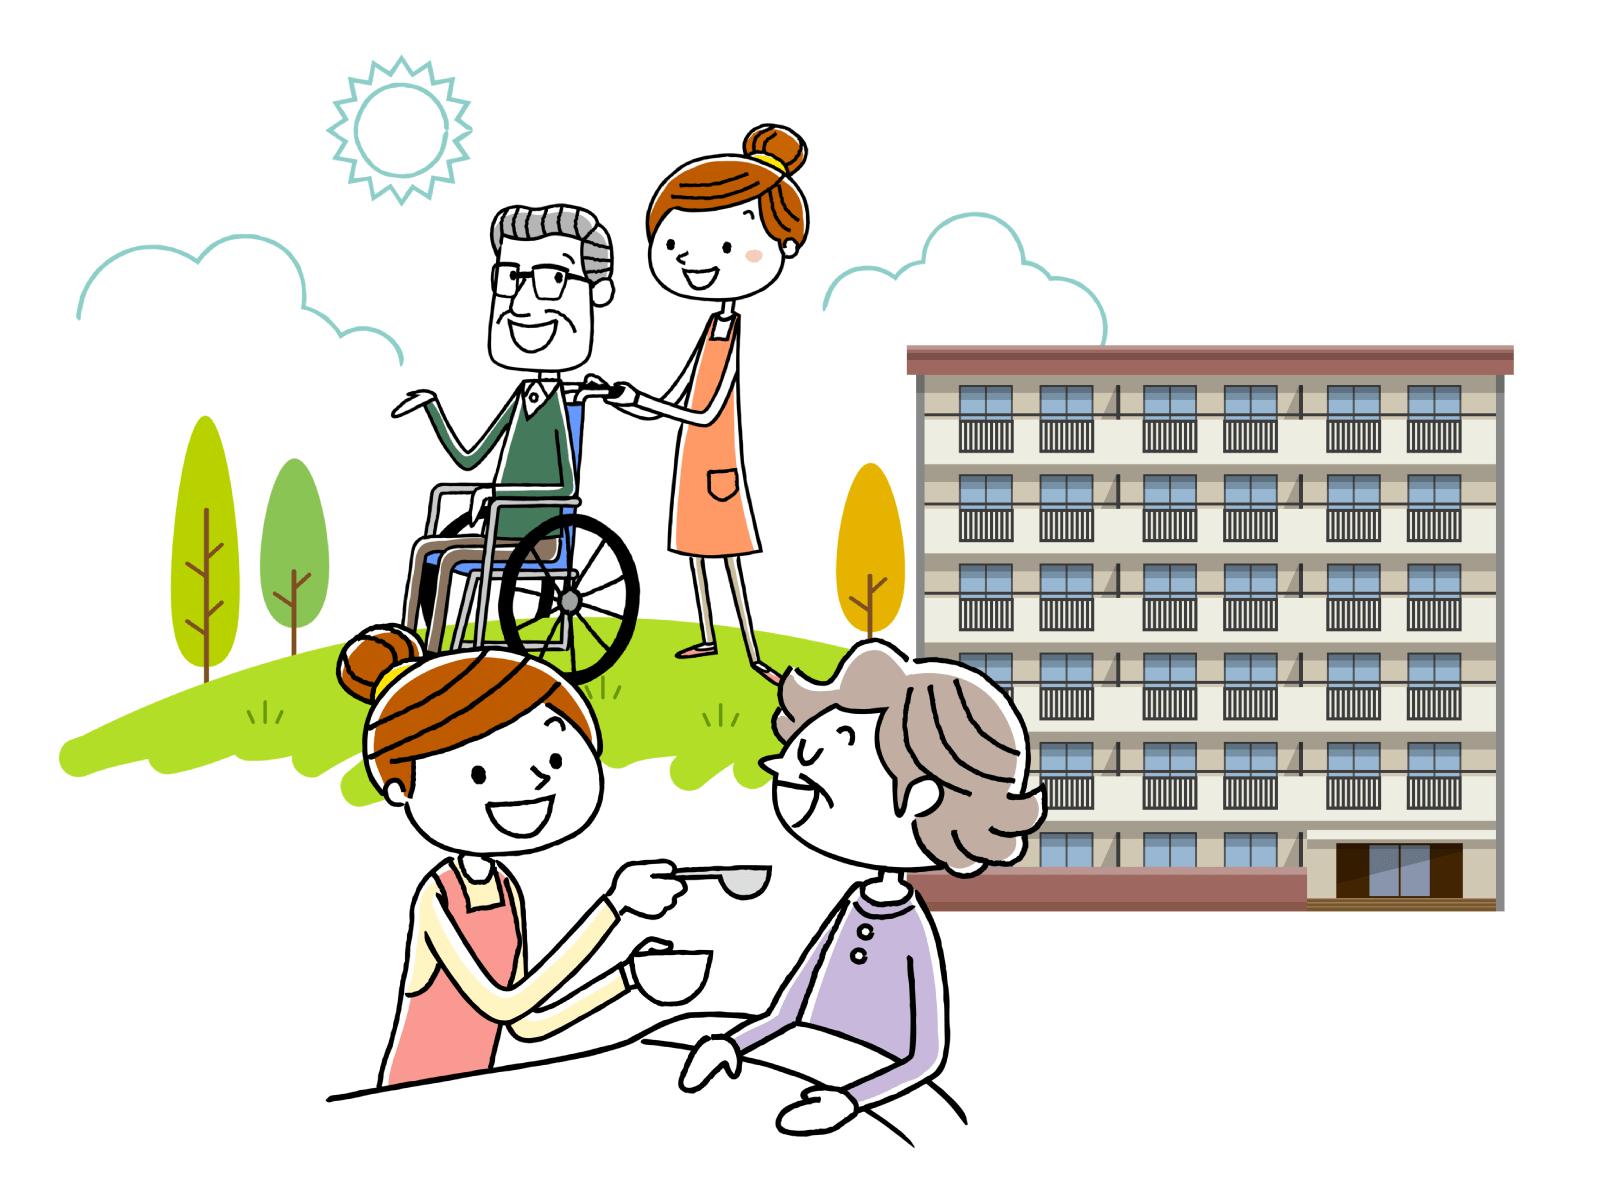 介護が必要な人の支援を行う仕事についてのイメージイラスト